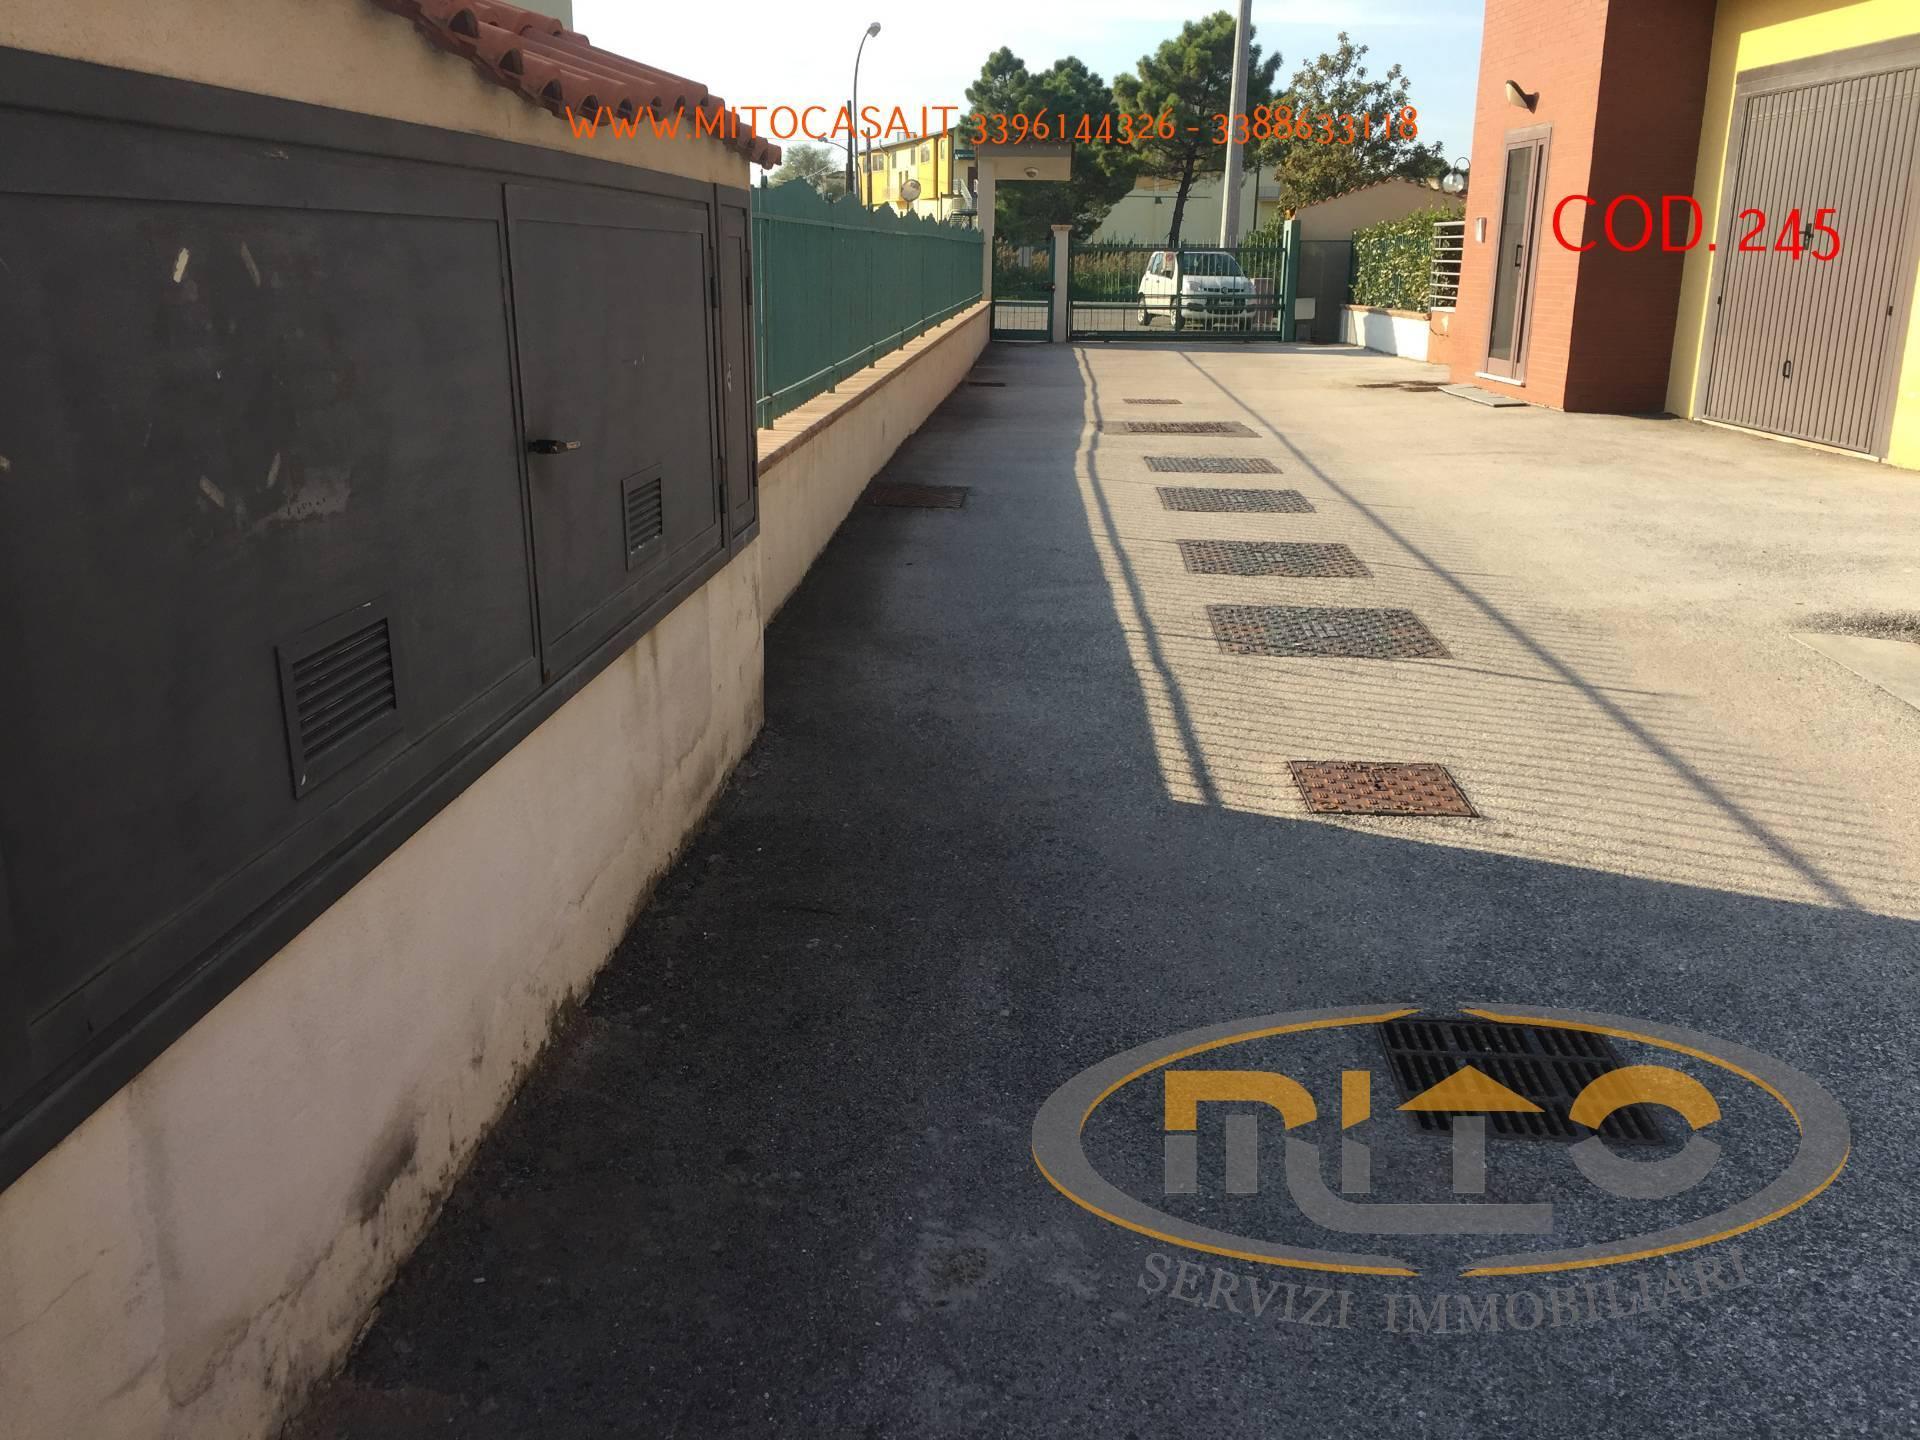 Appartamento in vendita a Telese Terme, 5 locali, prezzo € 107.000 | CambioCasa.it